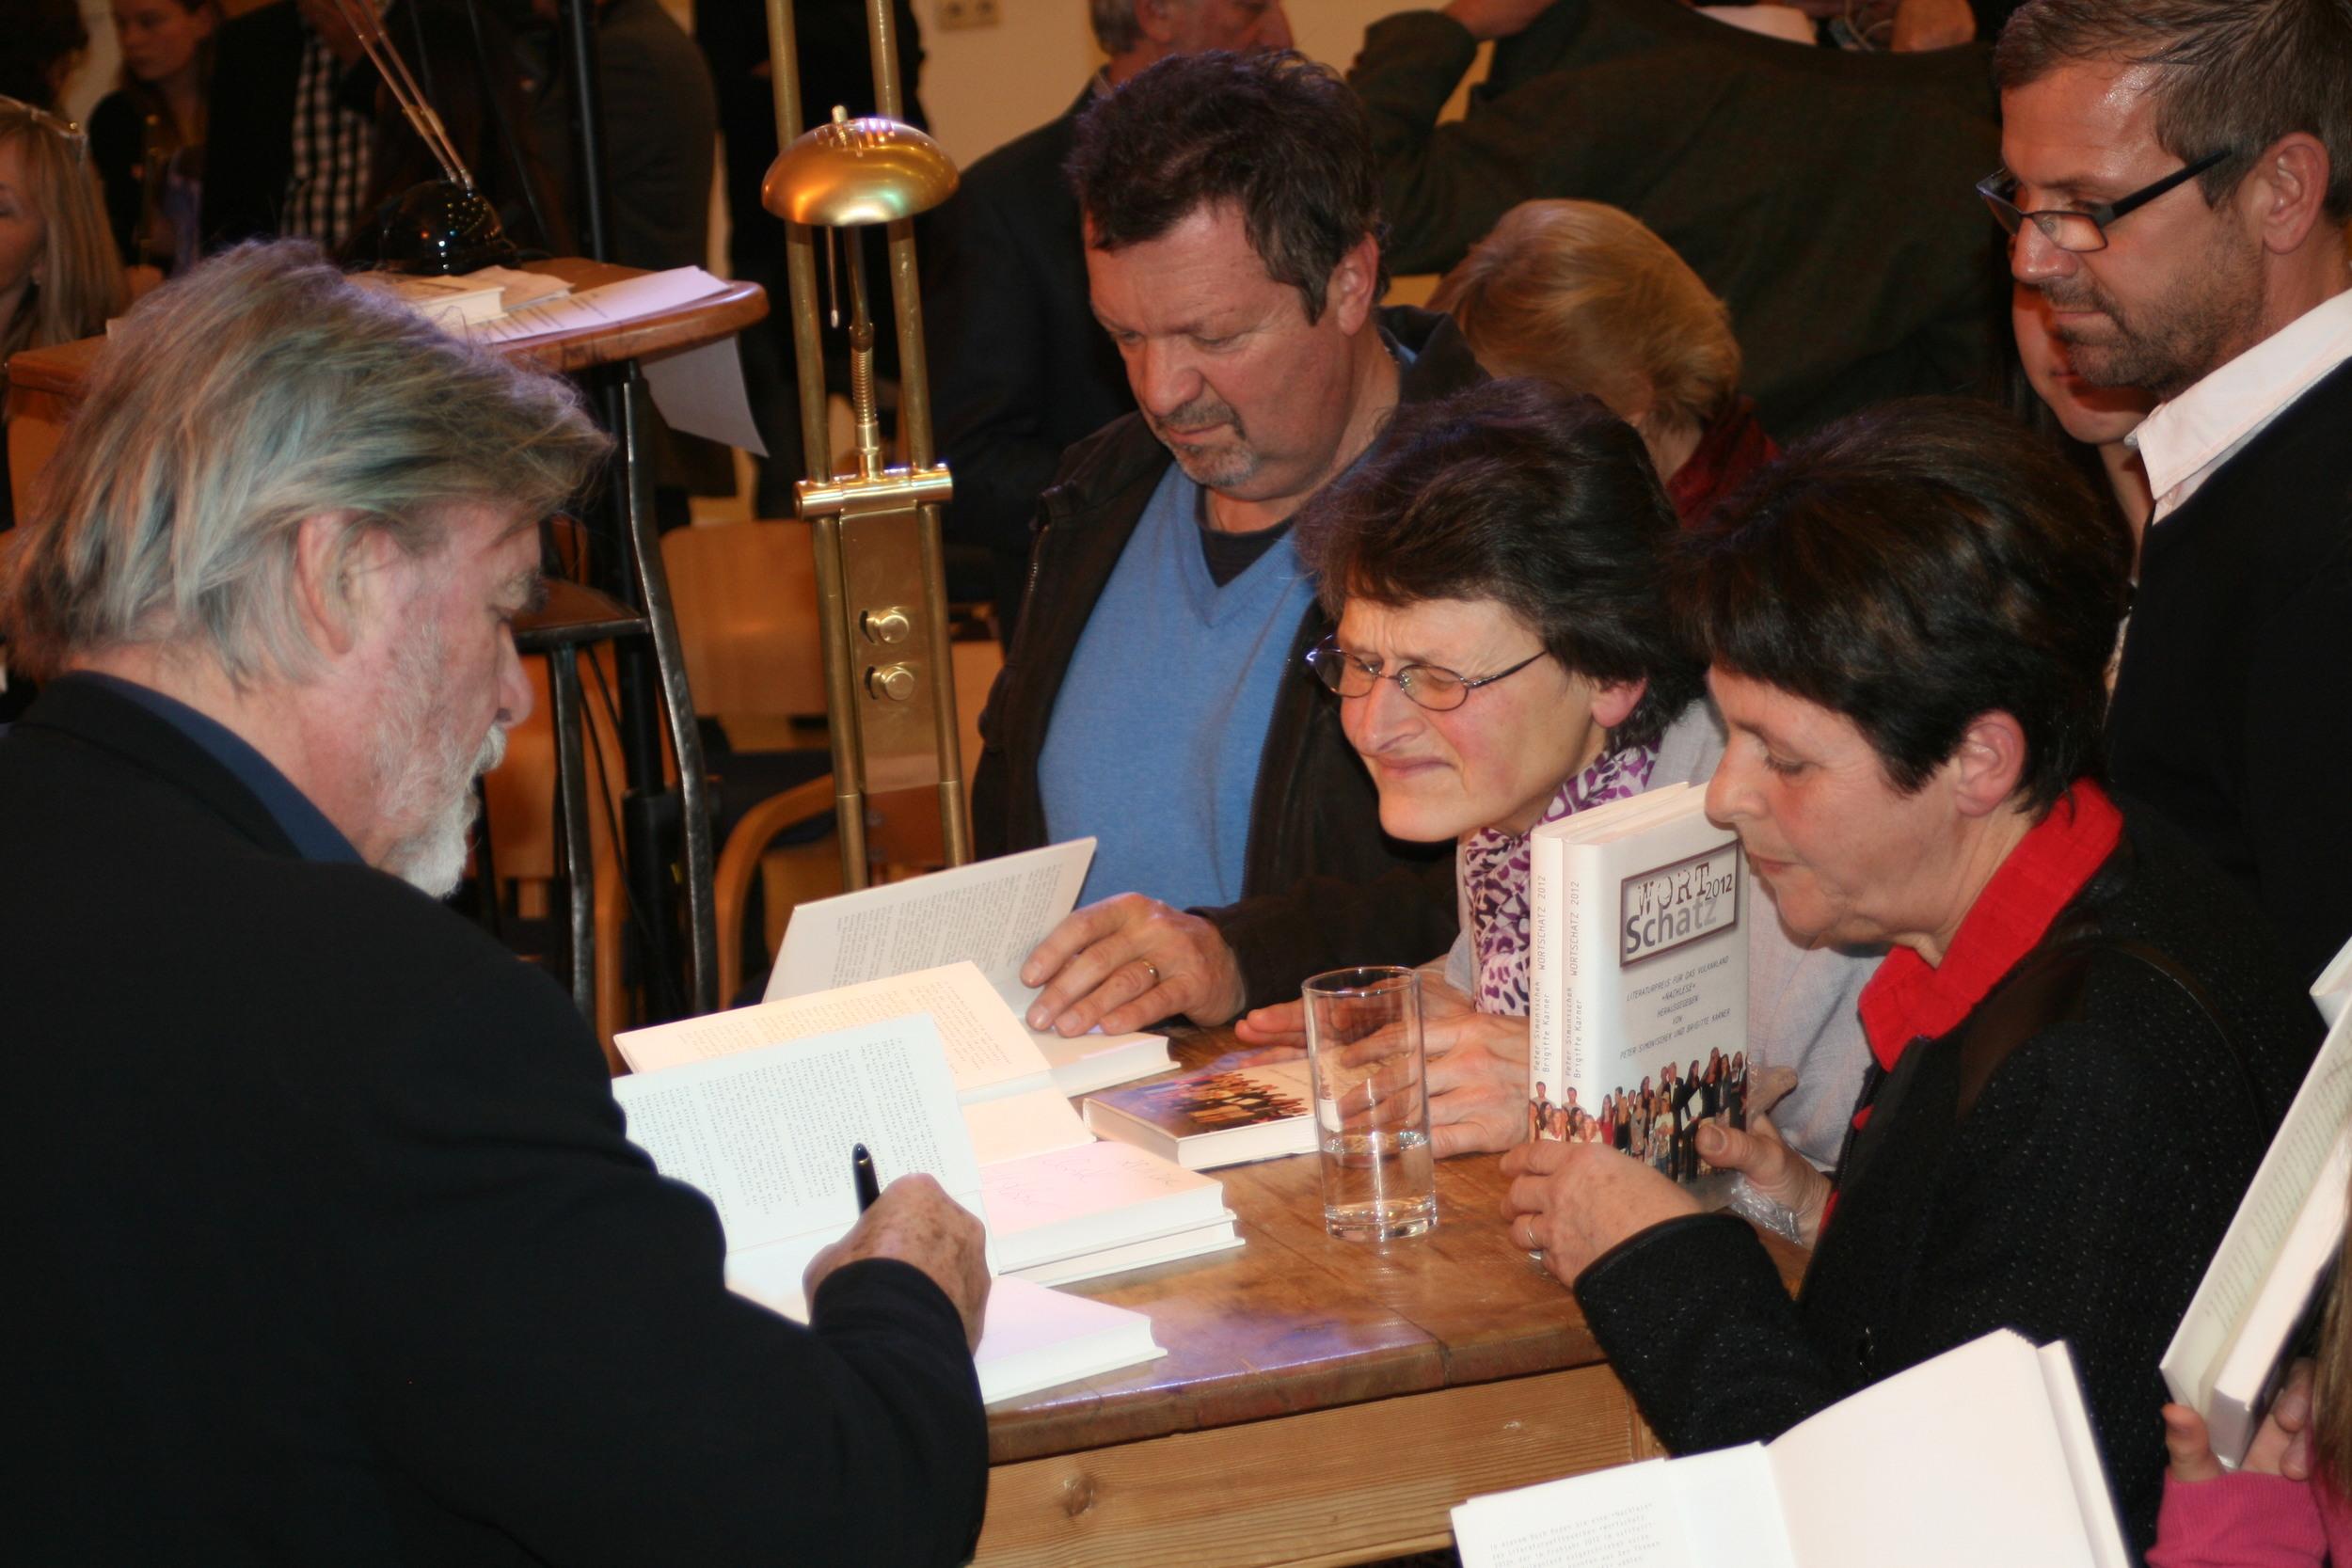 Buchpräsentation, Peter Simonischek - Wortschatz 2012 Literaturwettbewerb